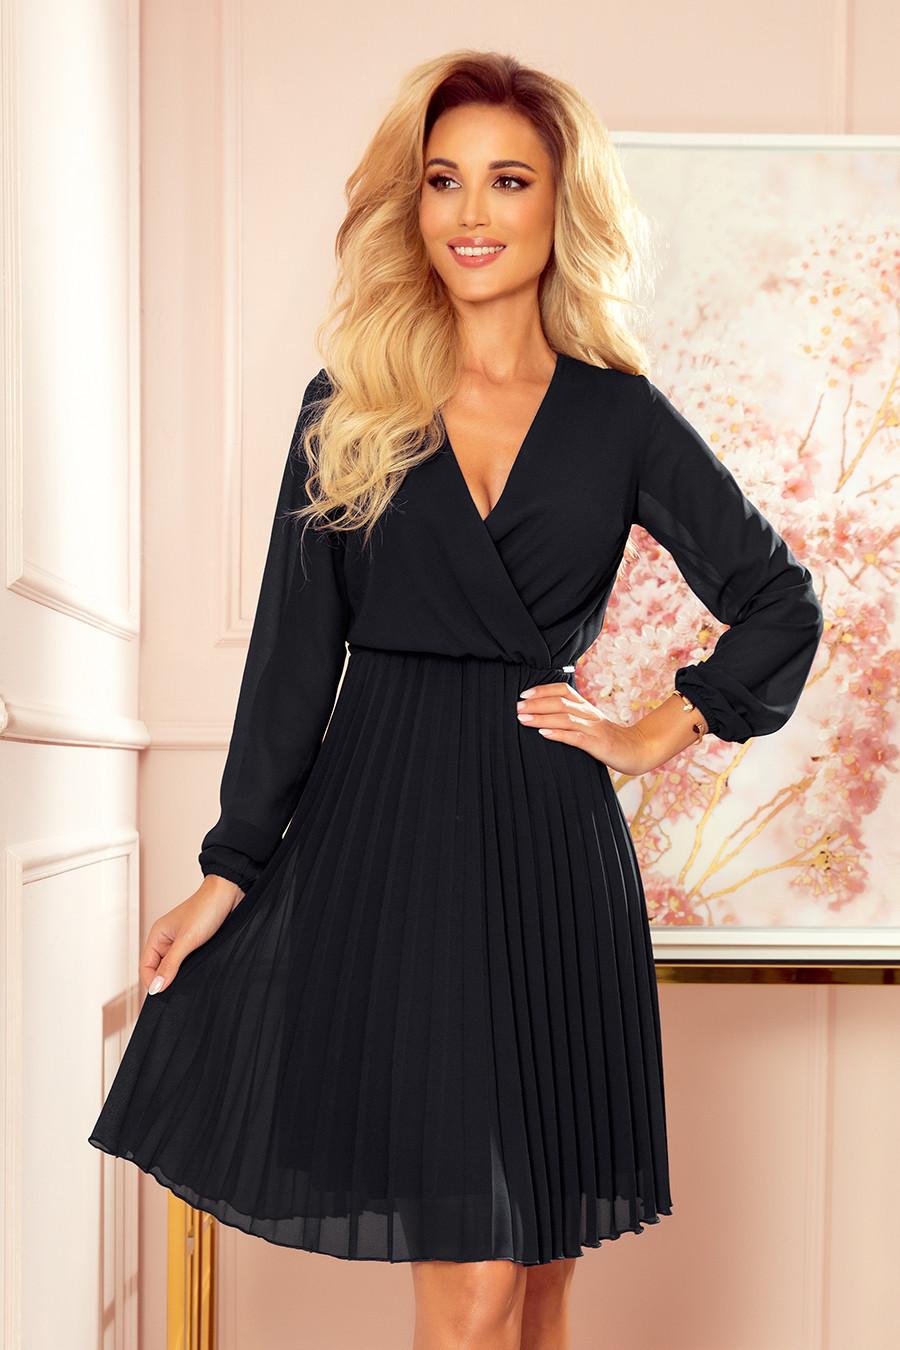 ISABELLE - Čierne dámske plisované šaty s dekoltom a dlhými rukávmi 313-7 S